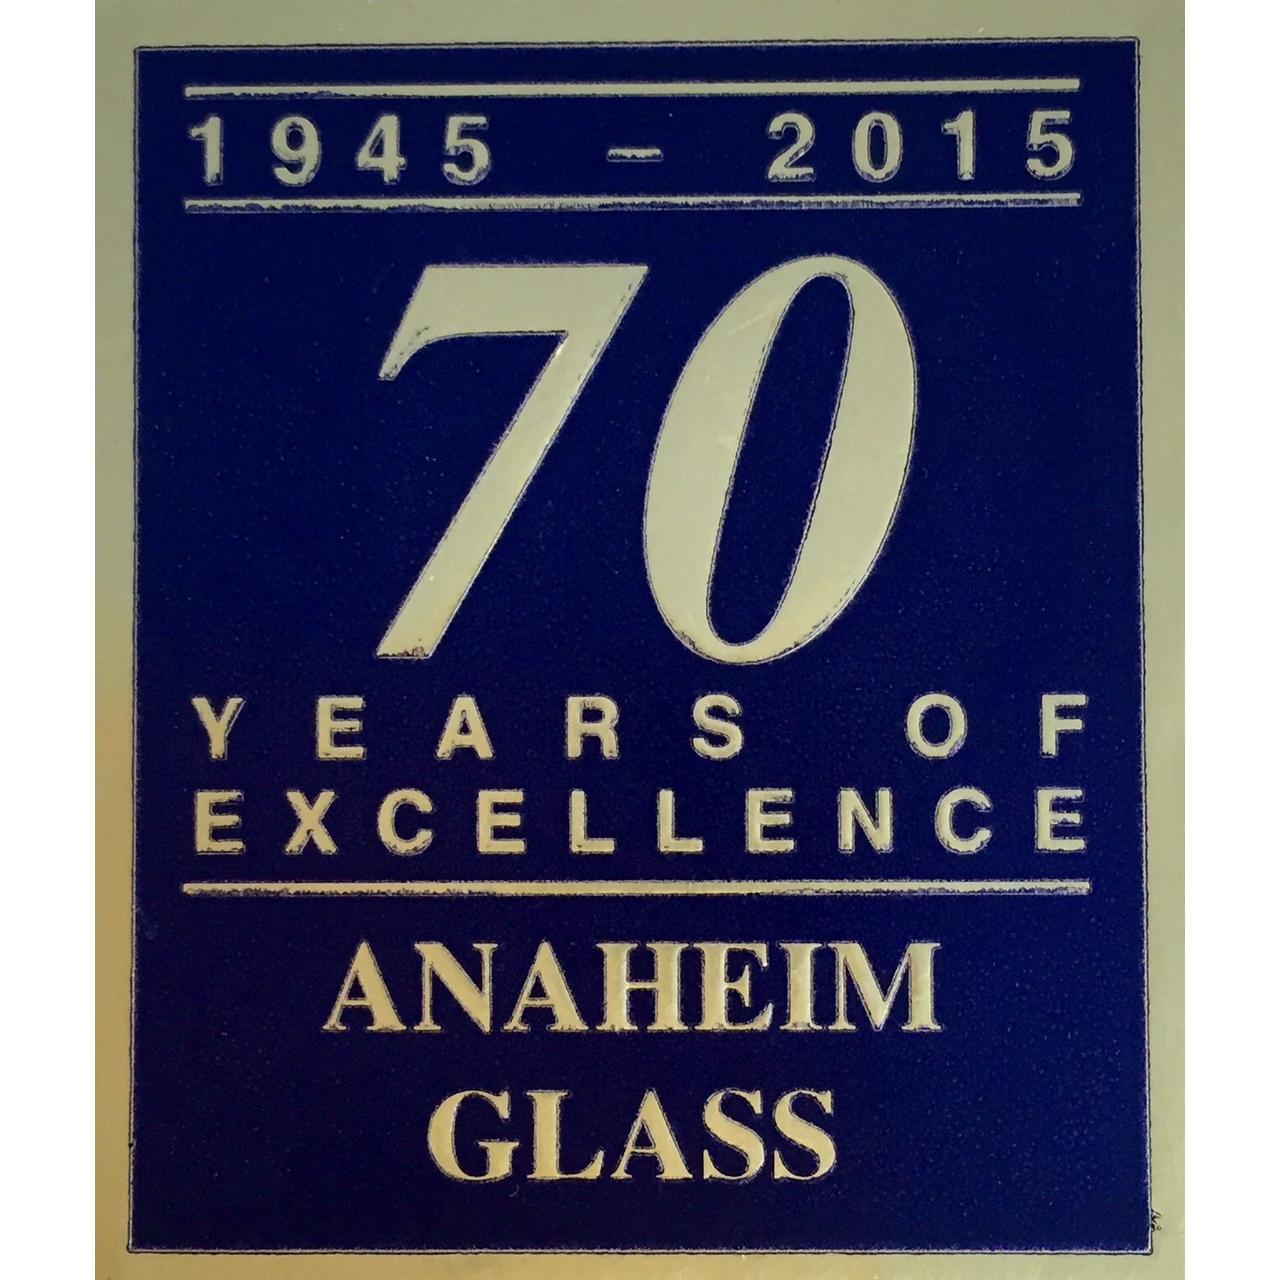 Anaheim Glass Inc - ANAHEIM, CA 92805 - (714) 535-4940 | ShowMeLocal.com